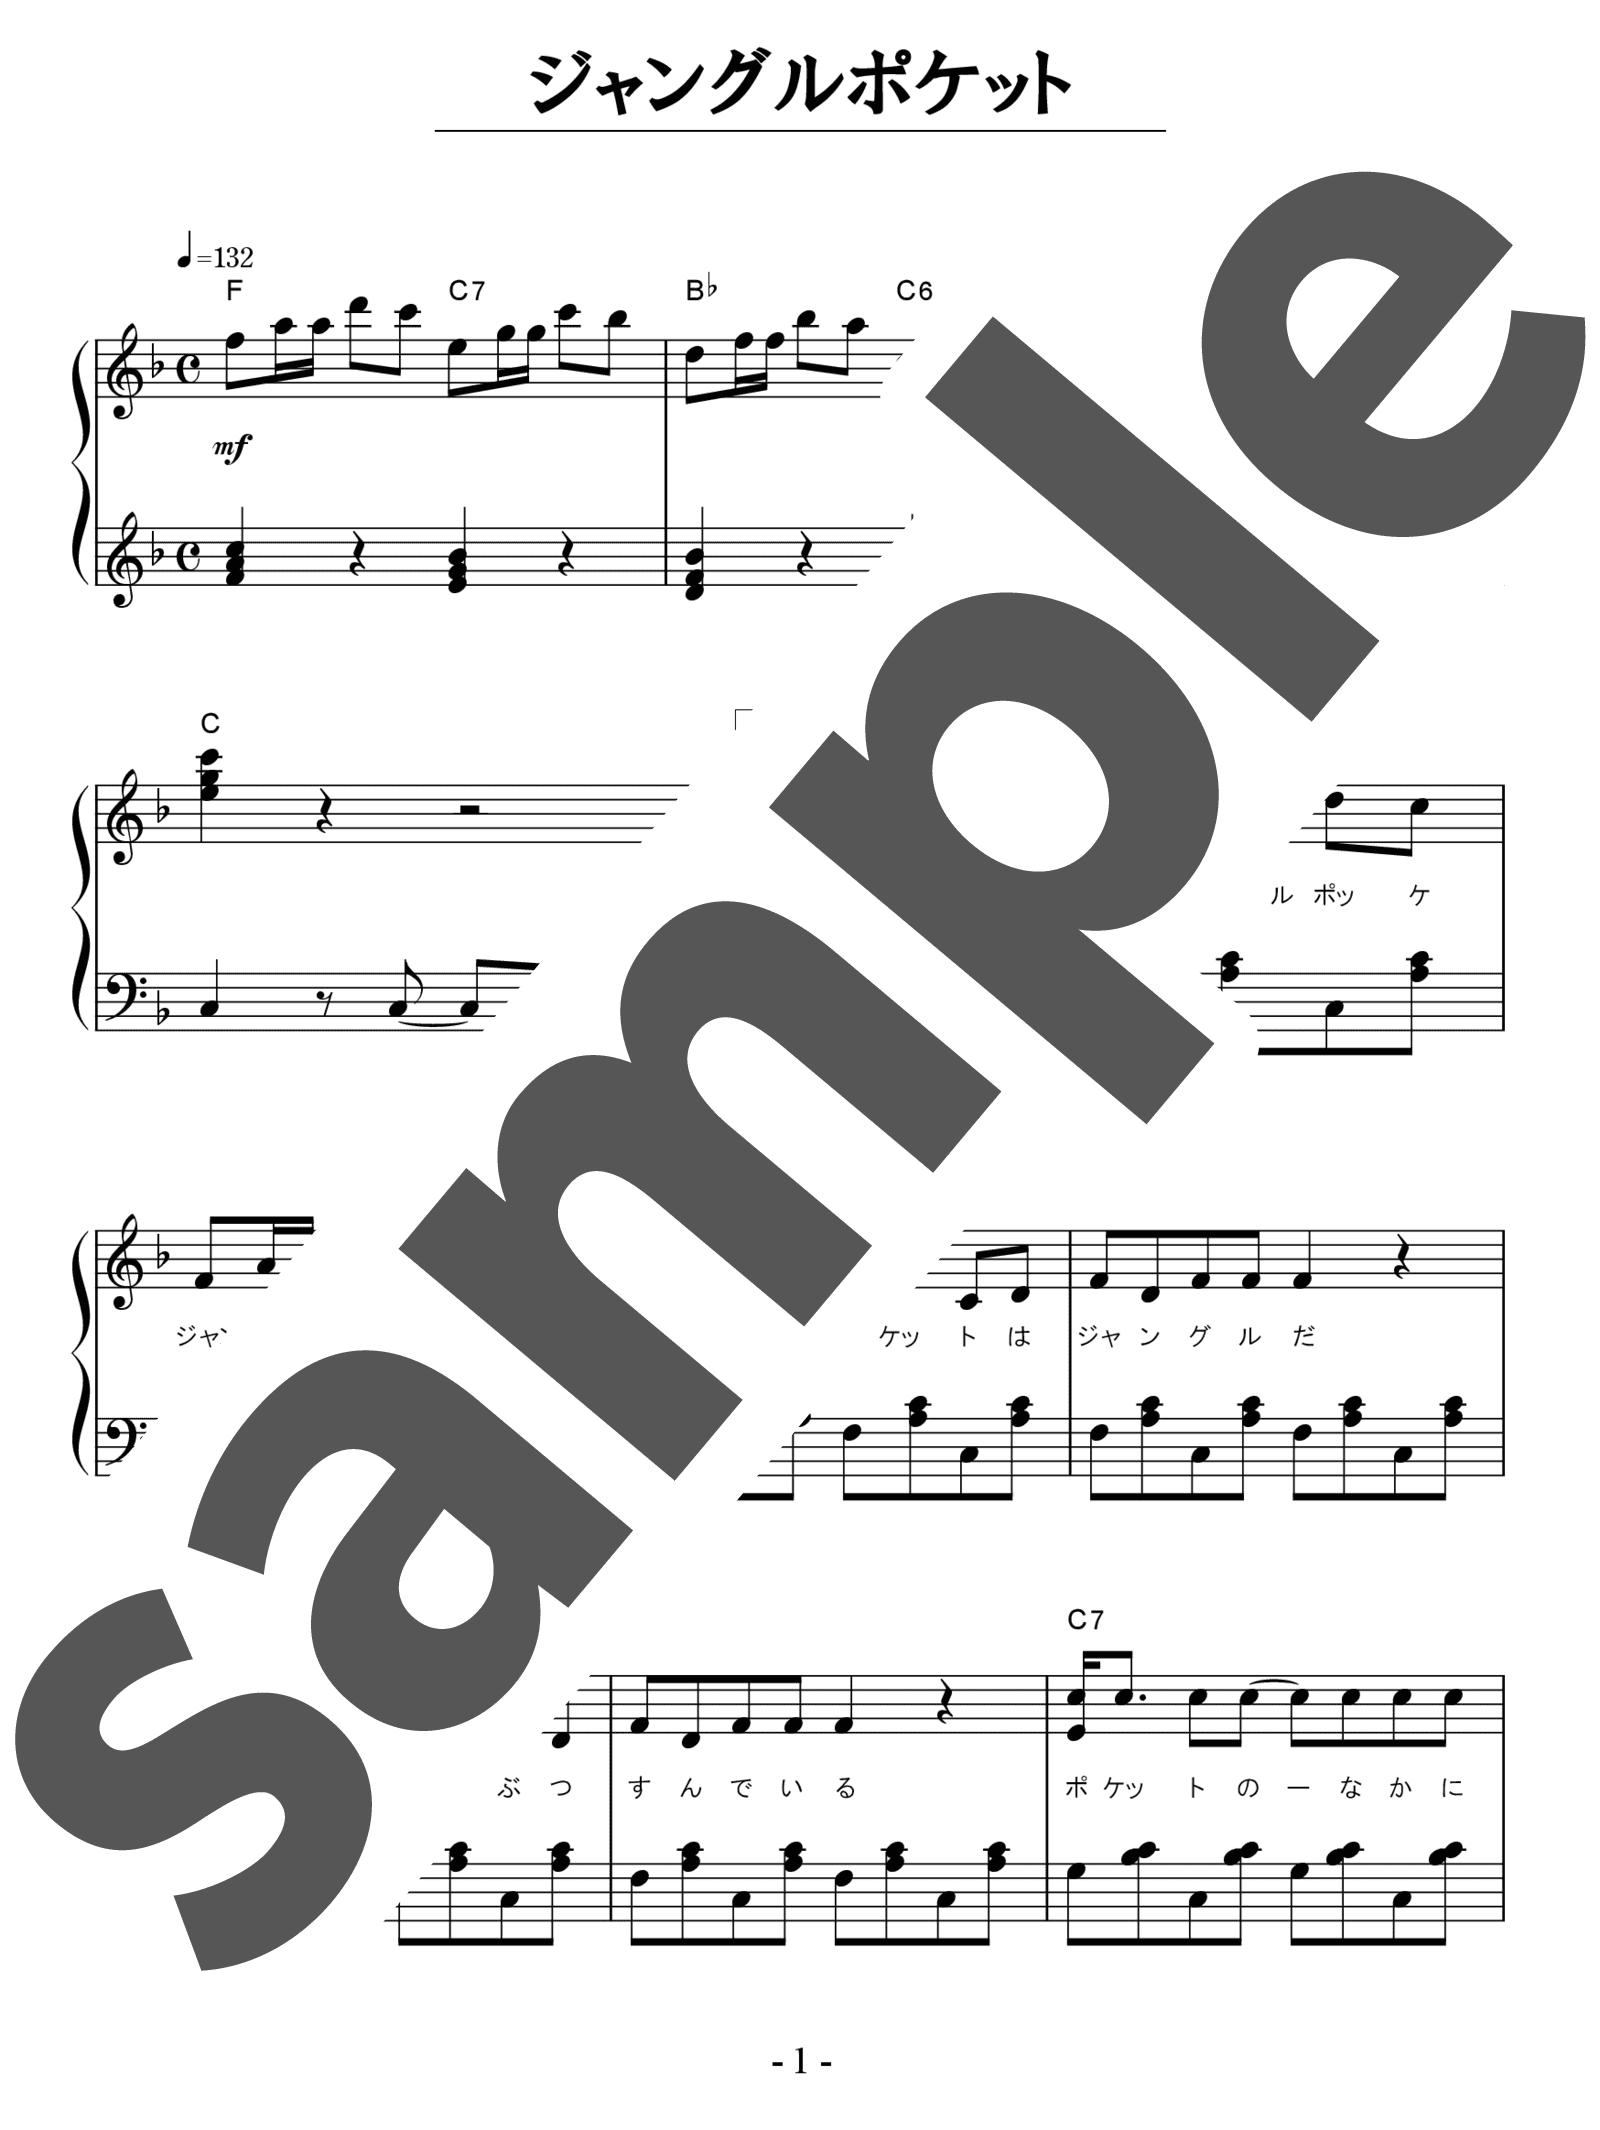 「ジャングルポケット」のサンプル楽譜